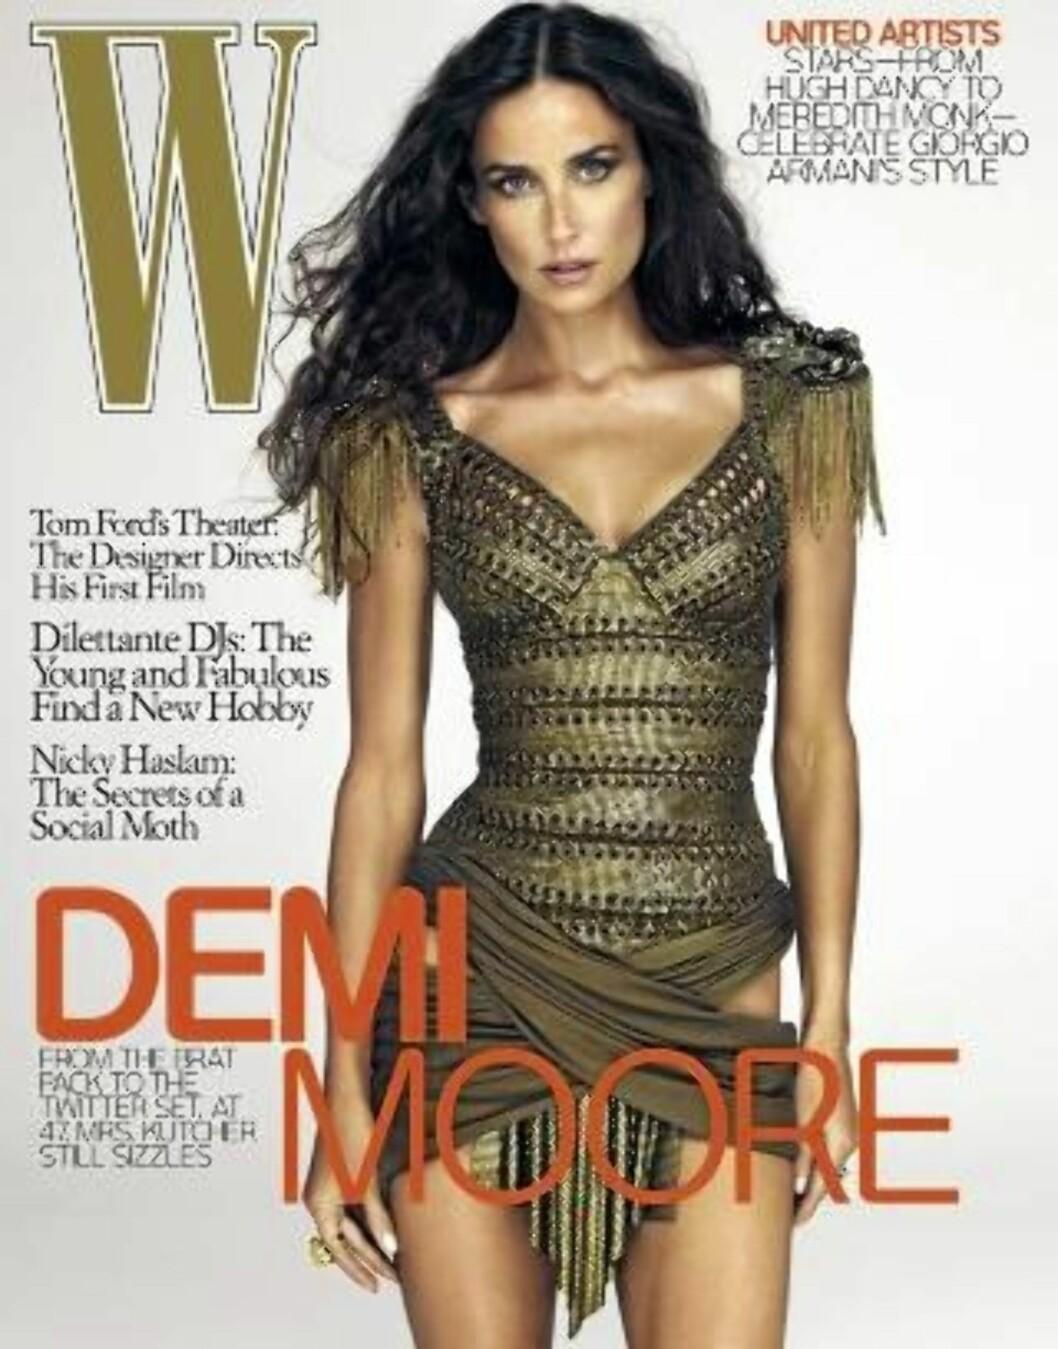 <strong>MANGLER LITT AV HOFTEN:</strong> Hvis du ser nøye på bildet, kan du se at den venstre hoften til Demi Moore ser litt merkelig ut. Foto: W Magazine